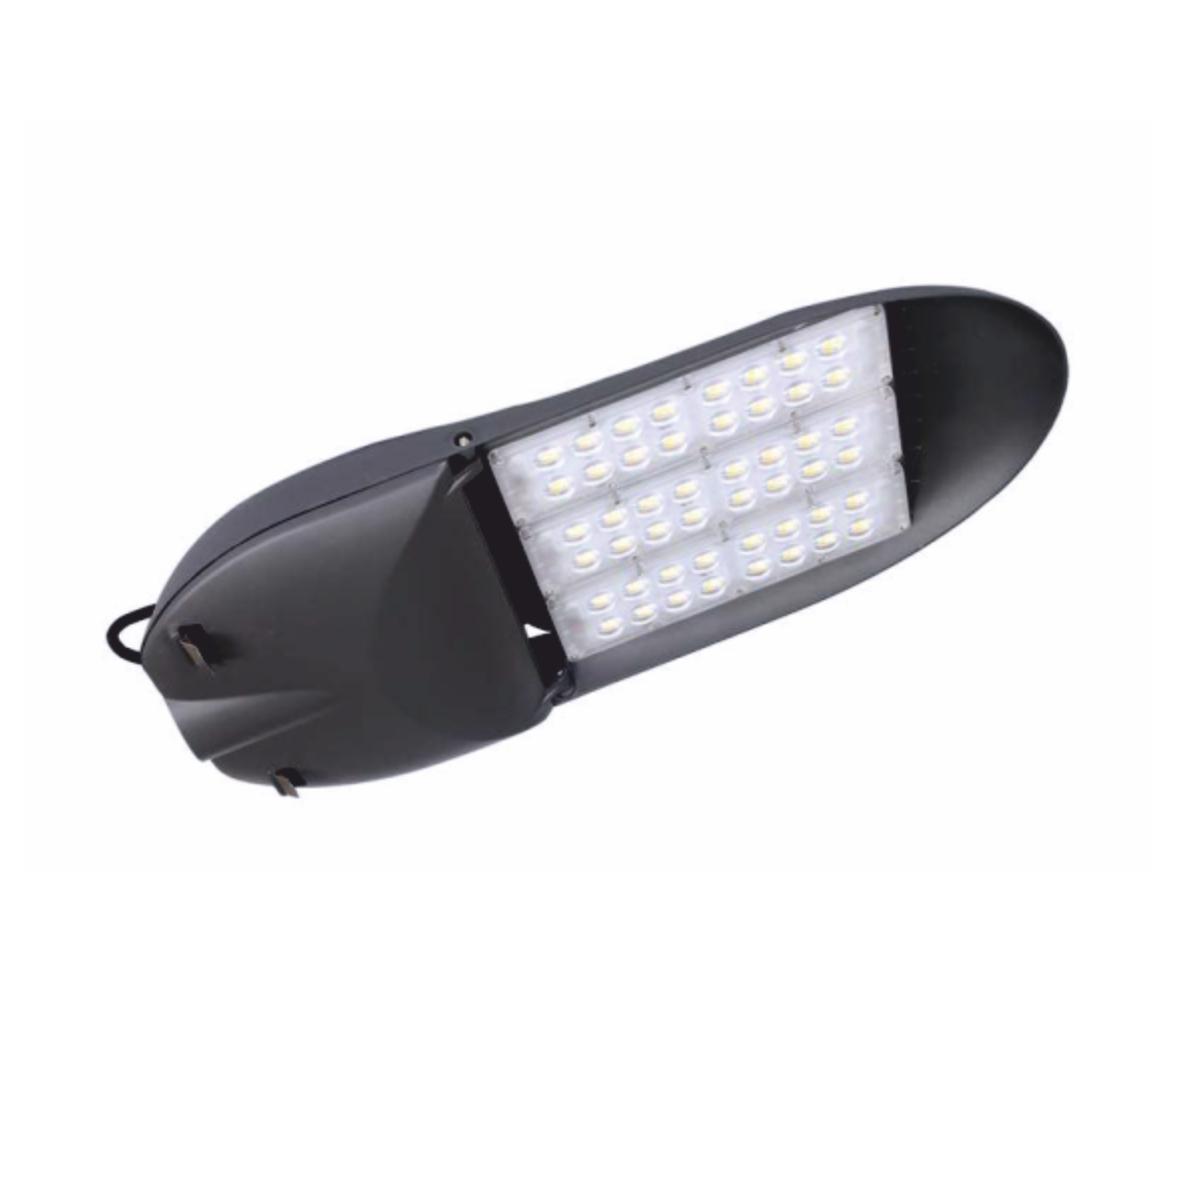 LED светильники и лампы склад, купить недорого в В